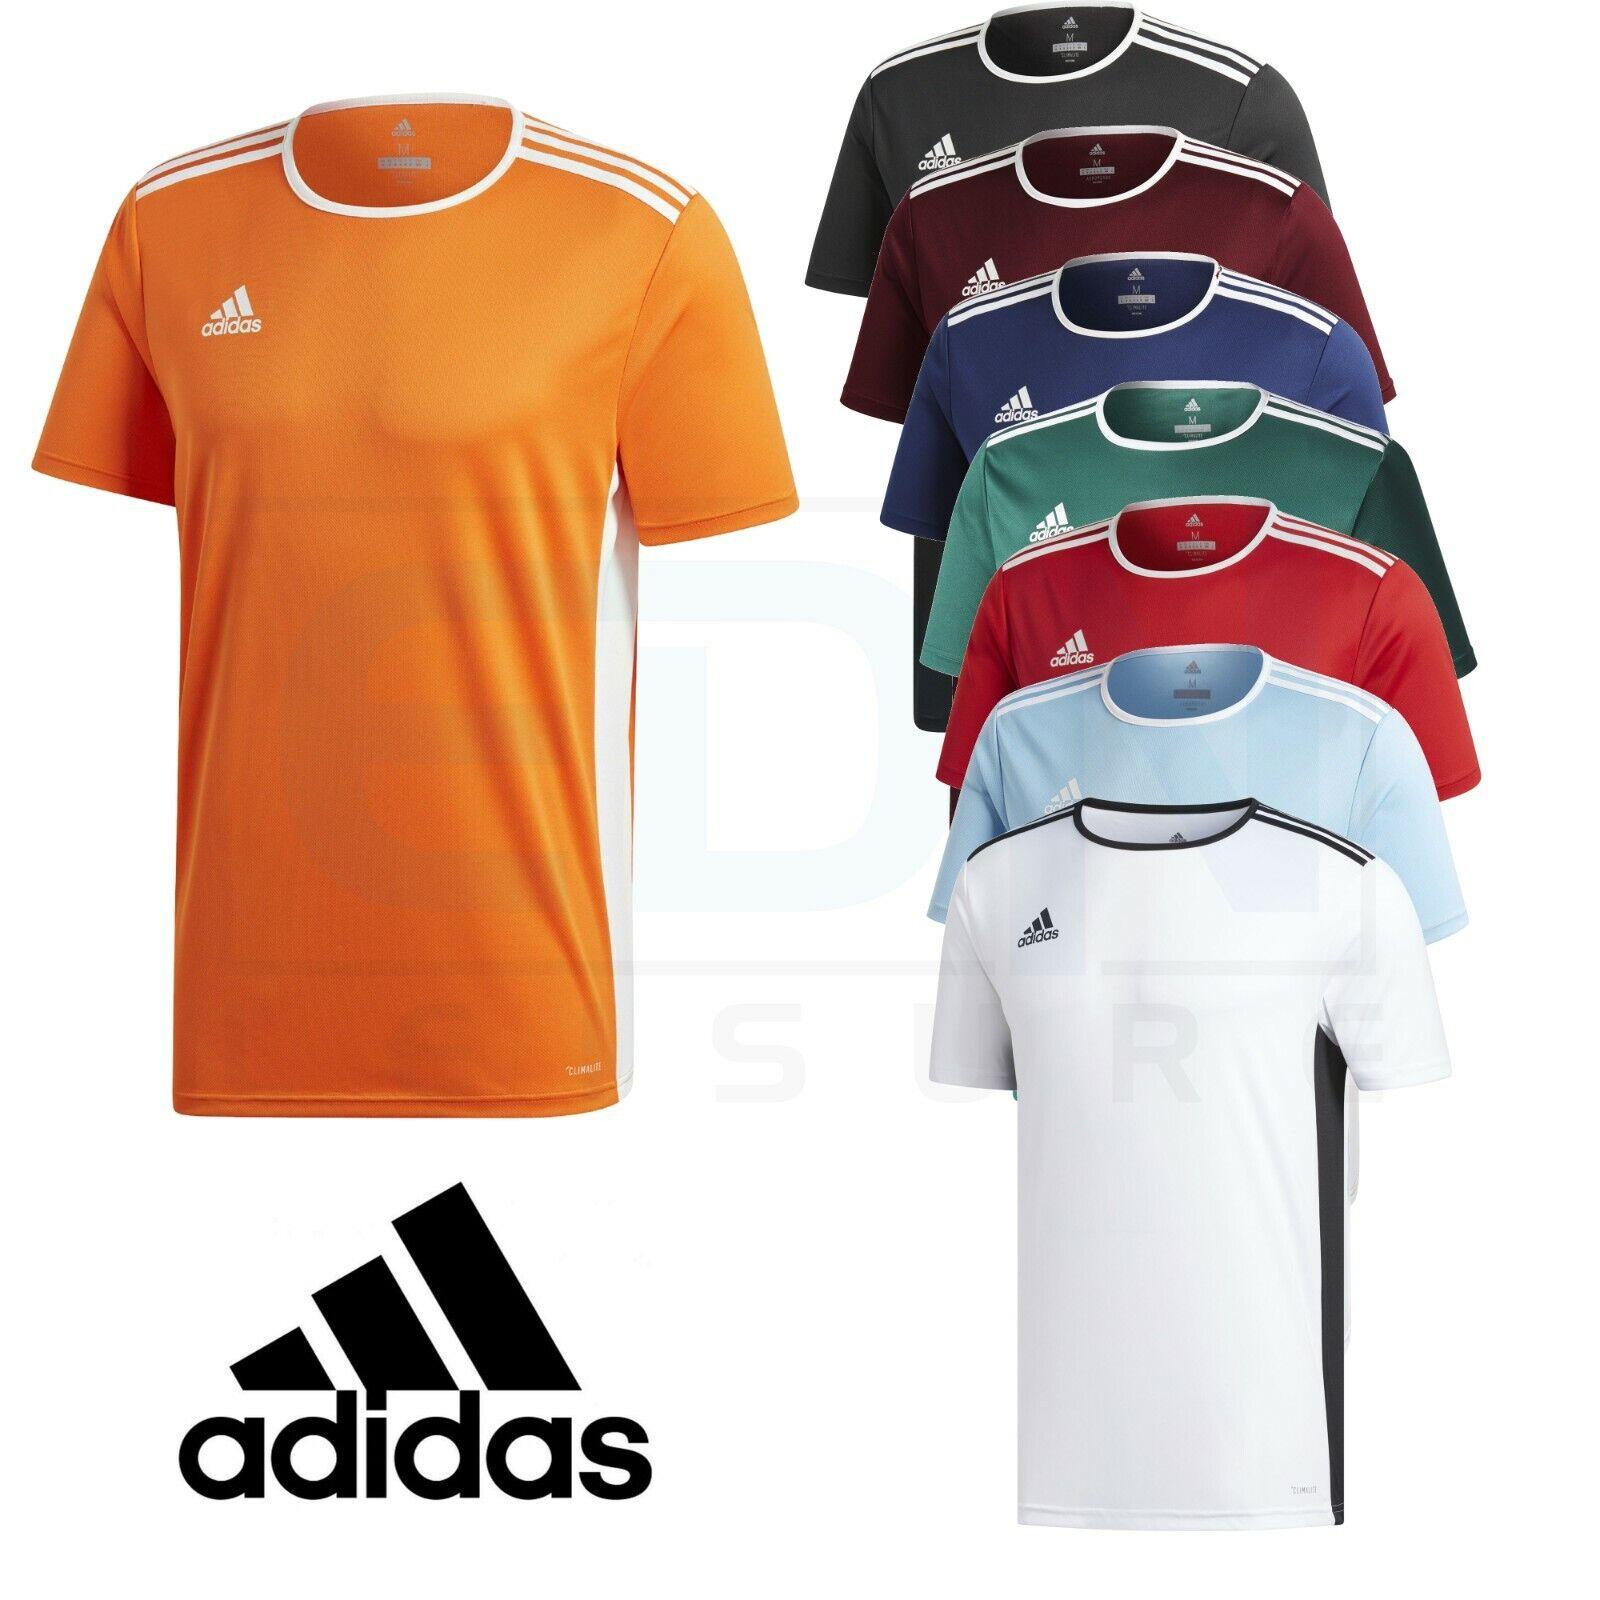 Detalles de Adidas para hombre Camiseta Top Entrenamiento Fútbol Gimnasio Climalite entrada Talla M L XL XXL ver título original